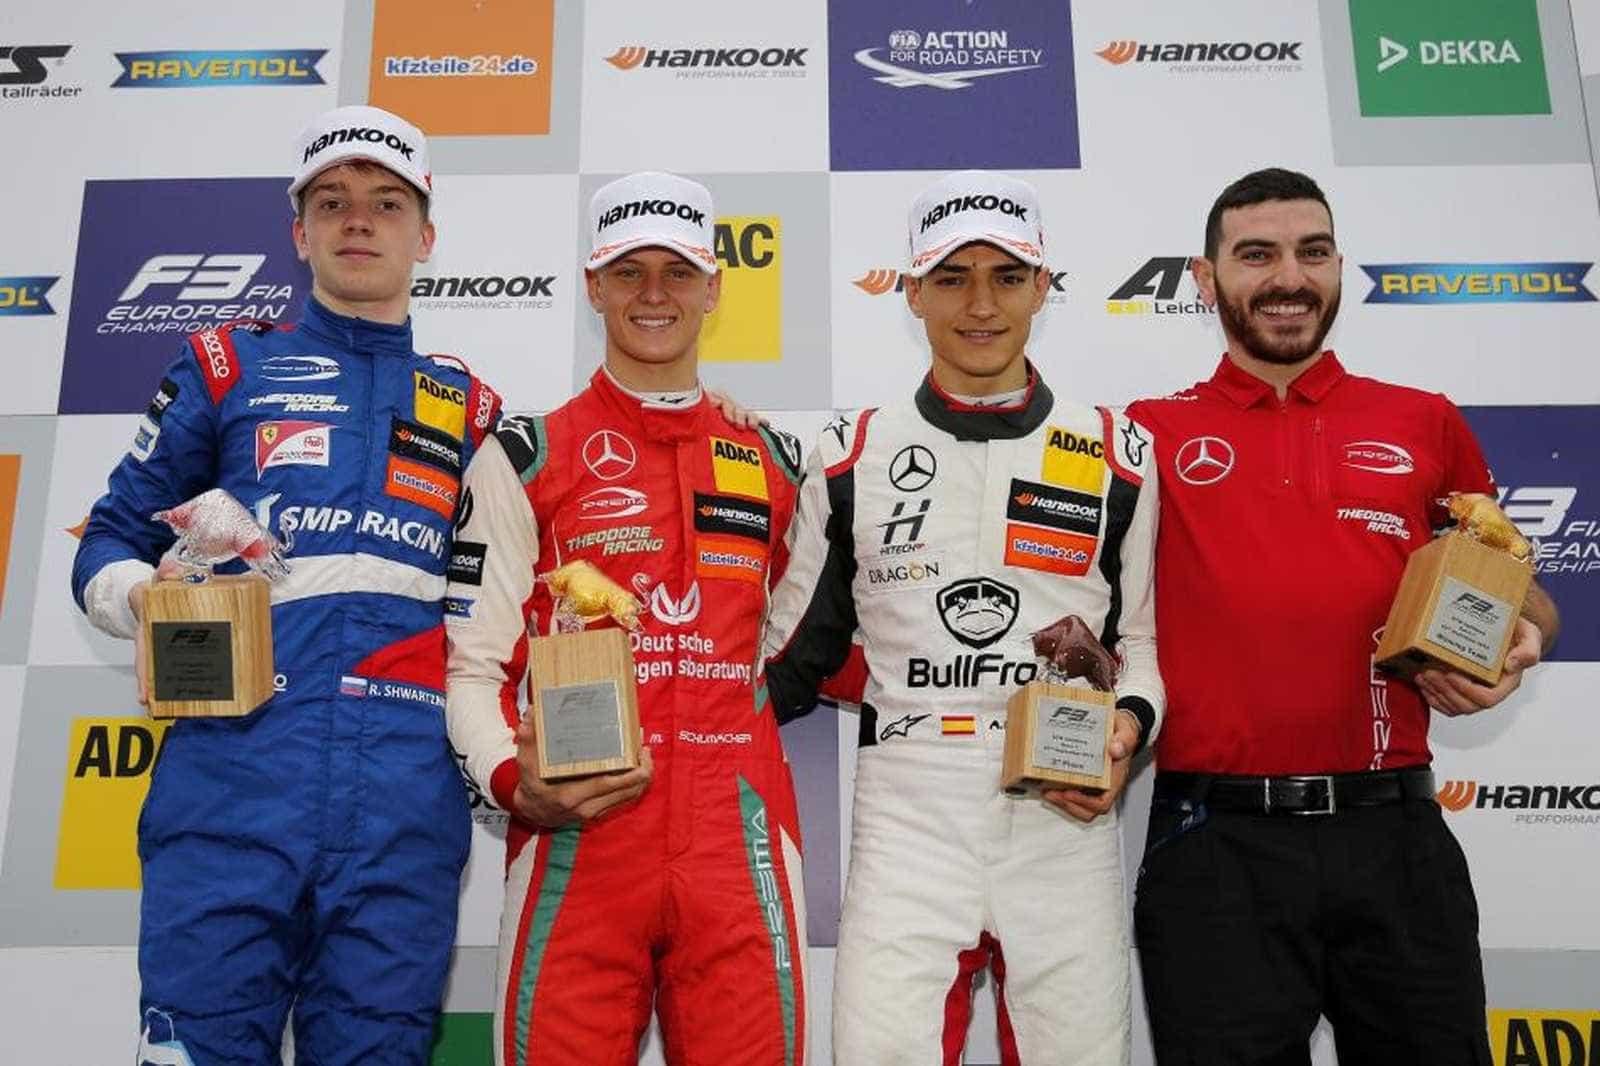 Filho de Schumacher vence 4ª seguida e assume liderança da F3 Europeia